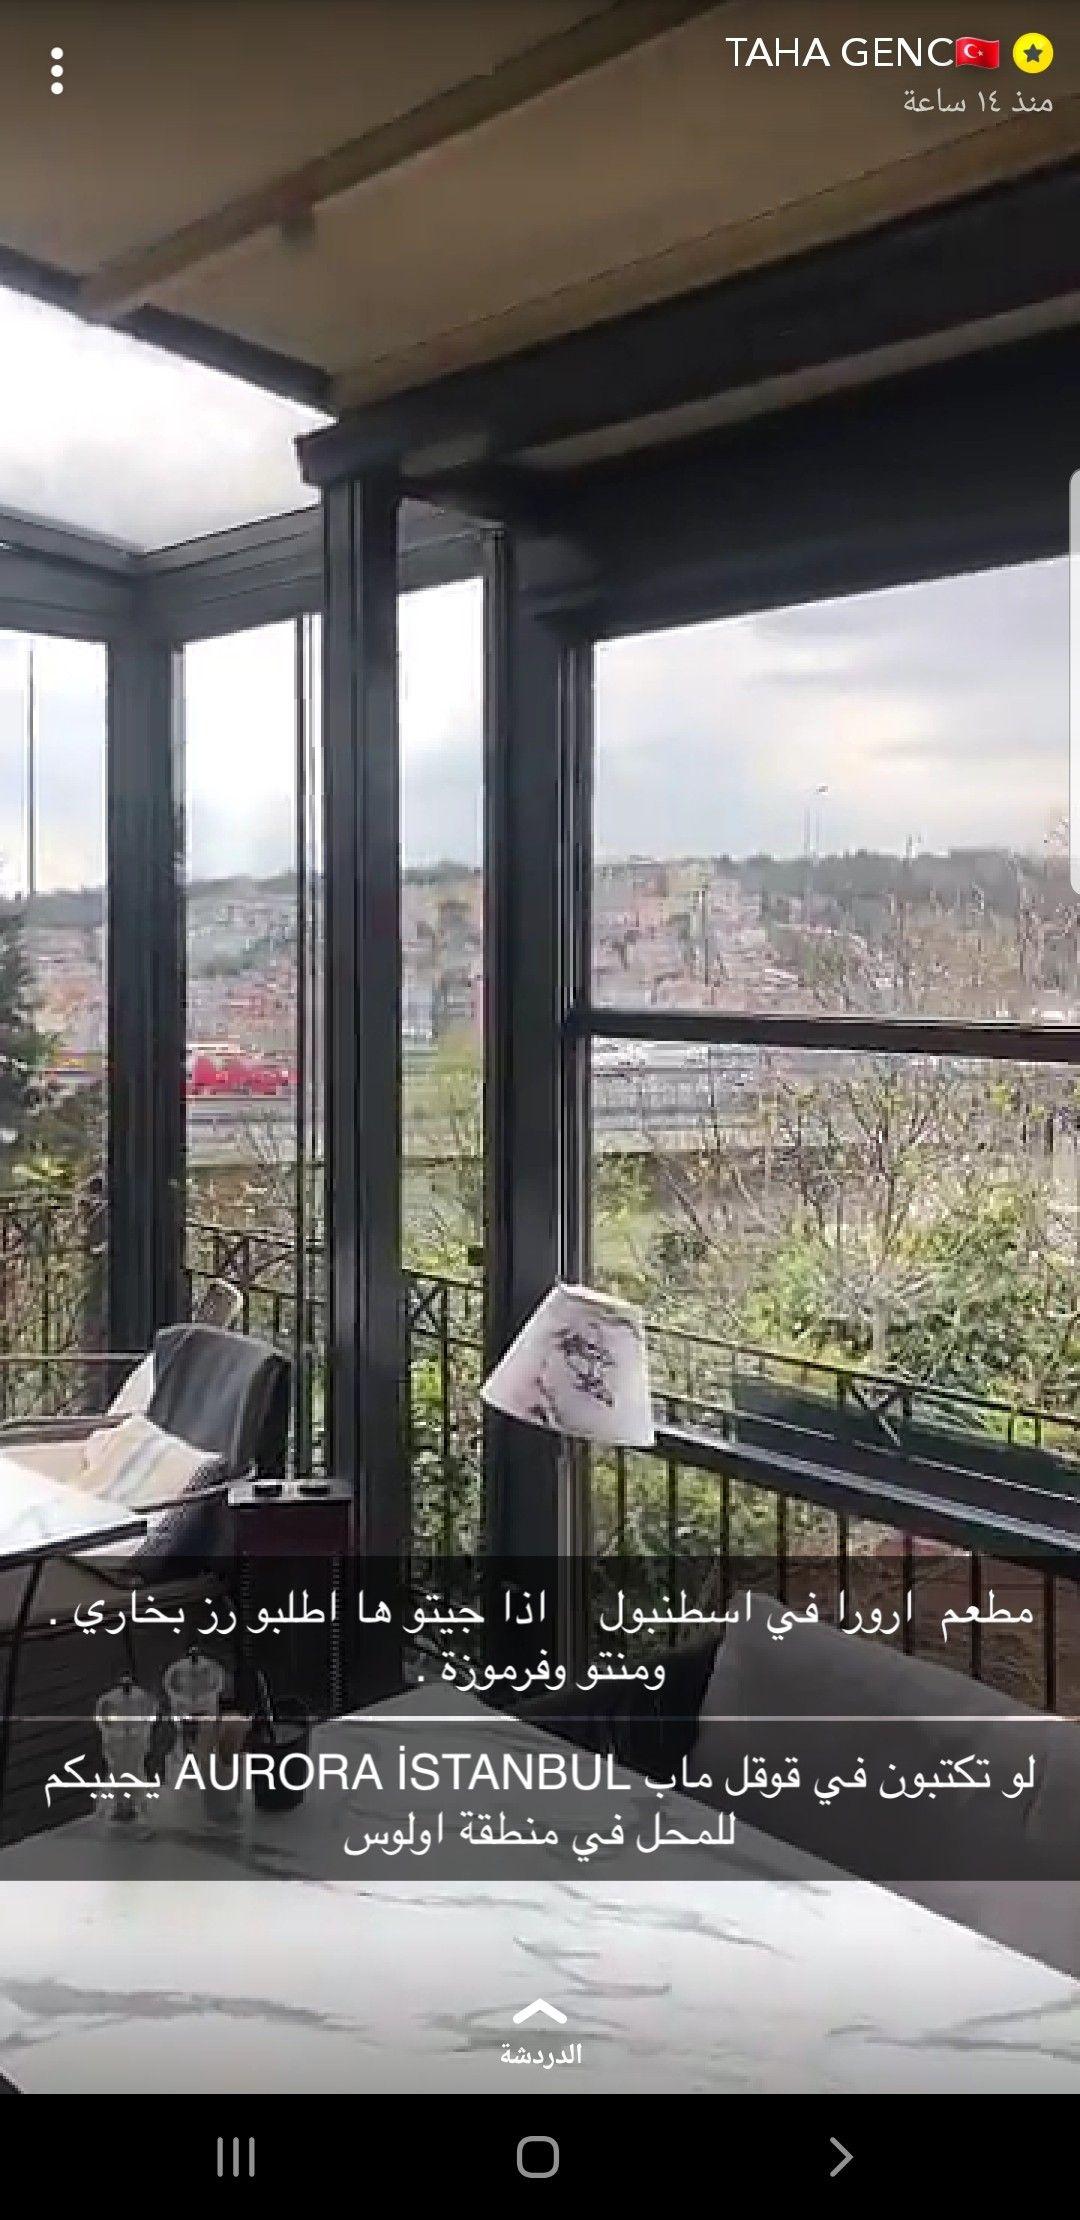 Pin By Aman On تغذية علاجية المعدة بيت الداء و الدواء توعية Istanbul Windows Lol